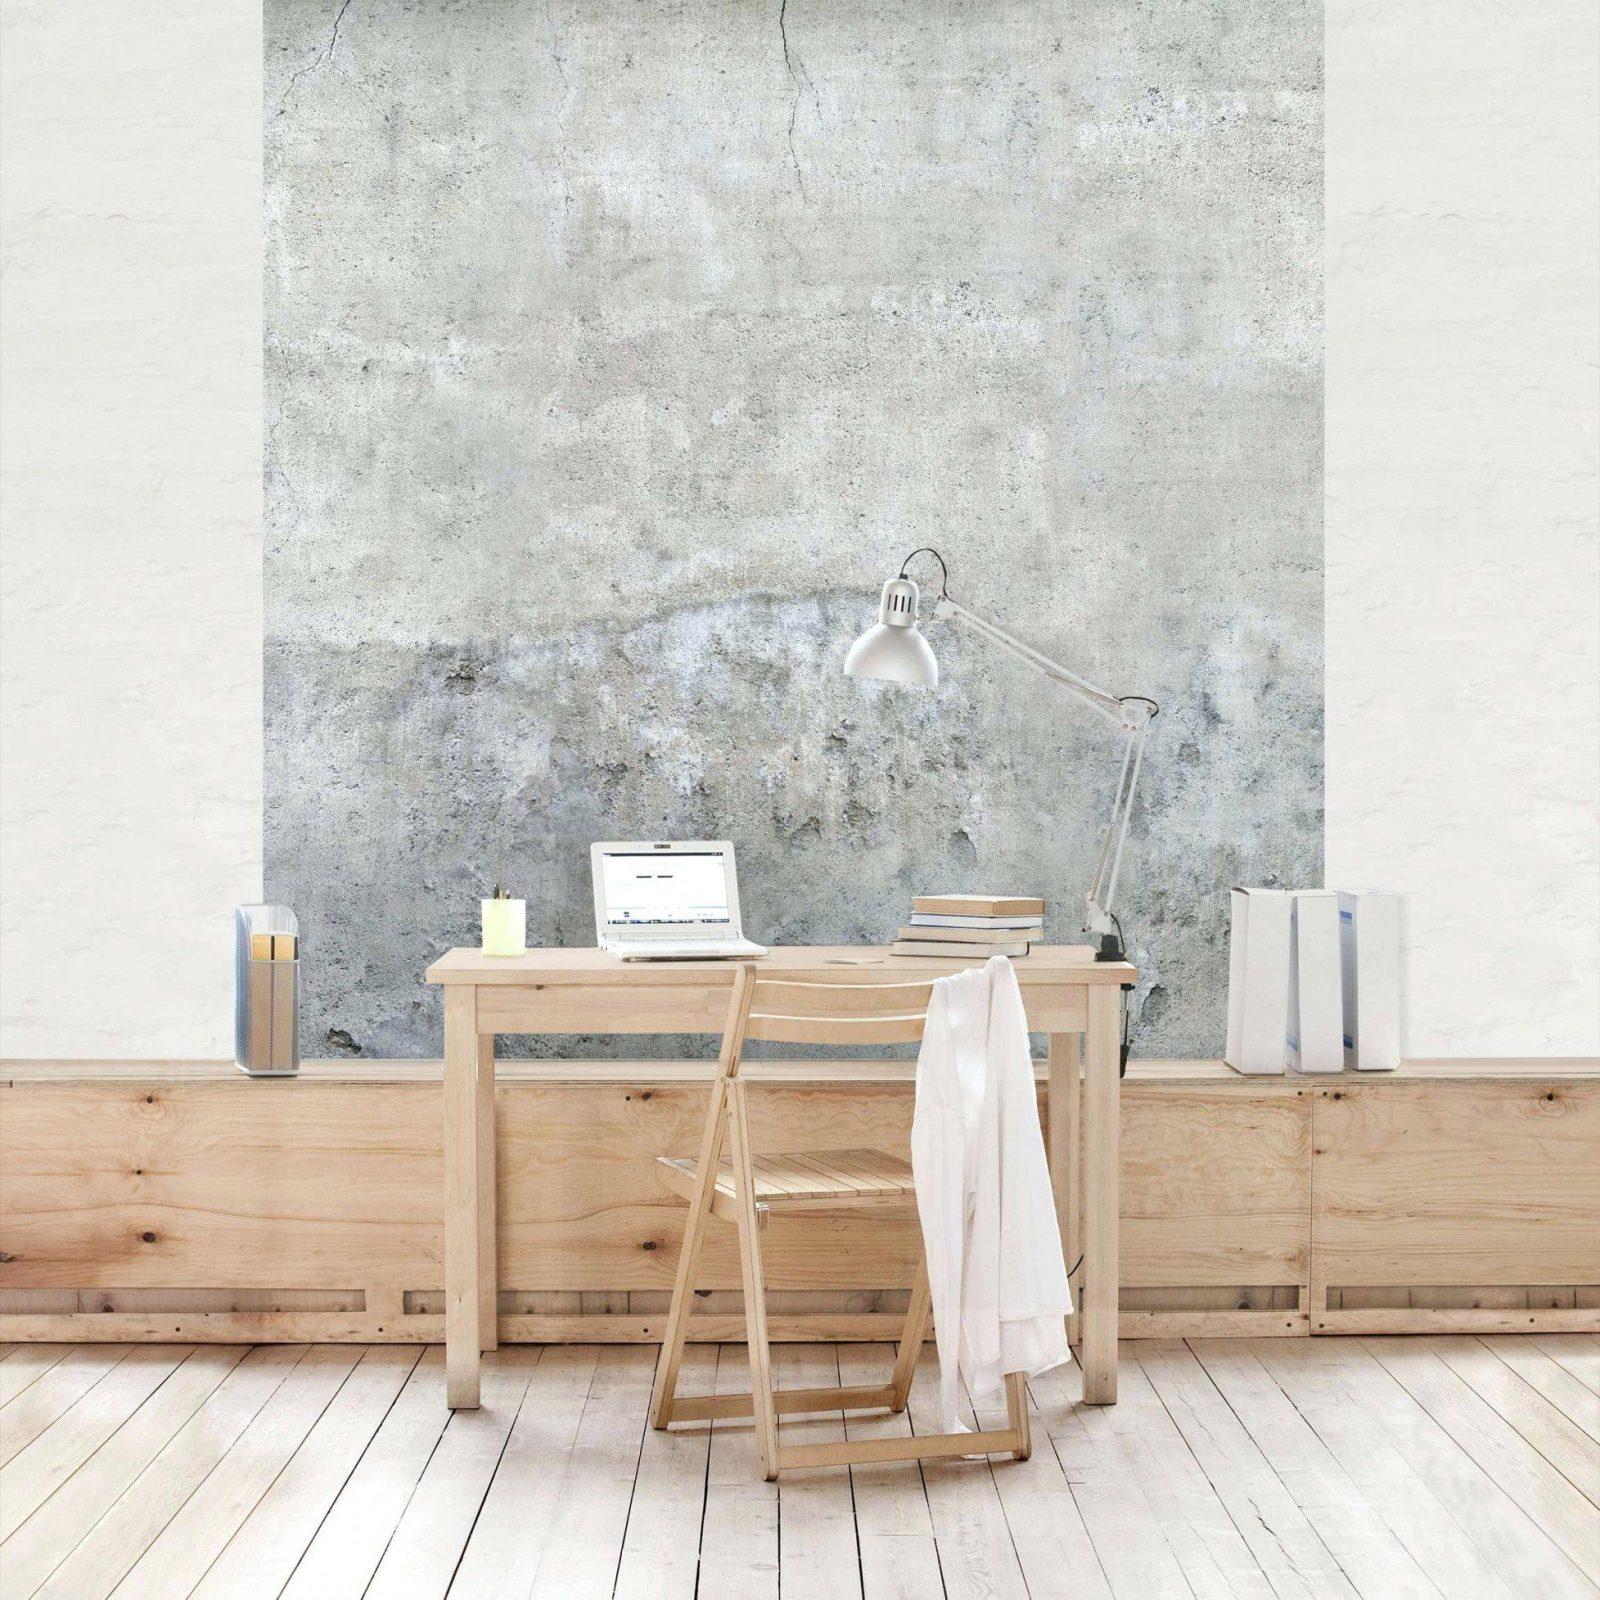 Tapete Gestalten Wande Ohne Einzigartig Beton Vliestapete Shabby von Wände Gestalten Ohne Tapete Bild